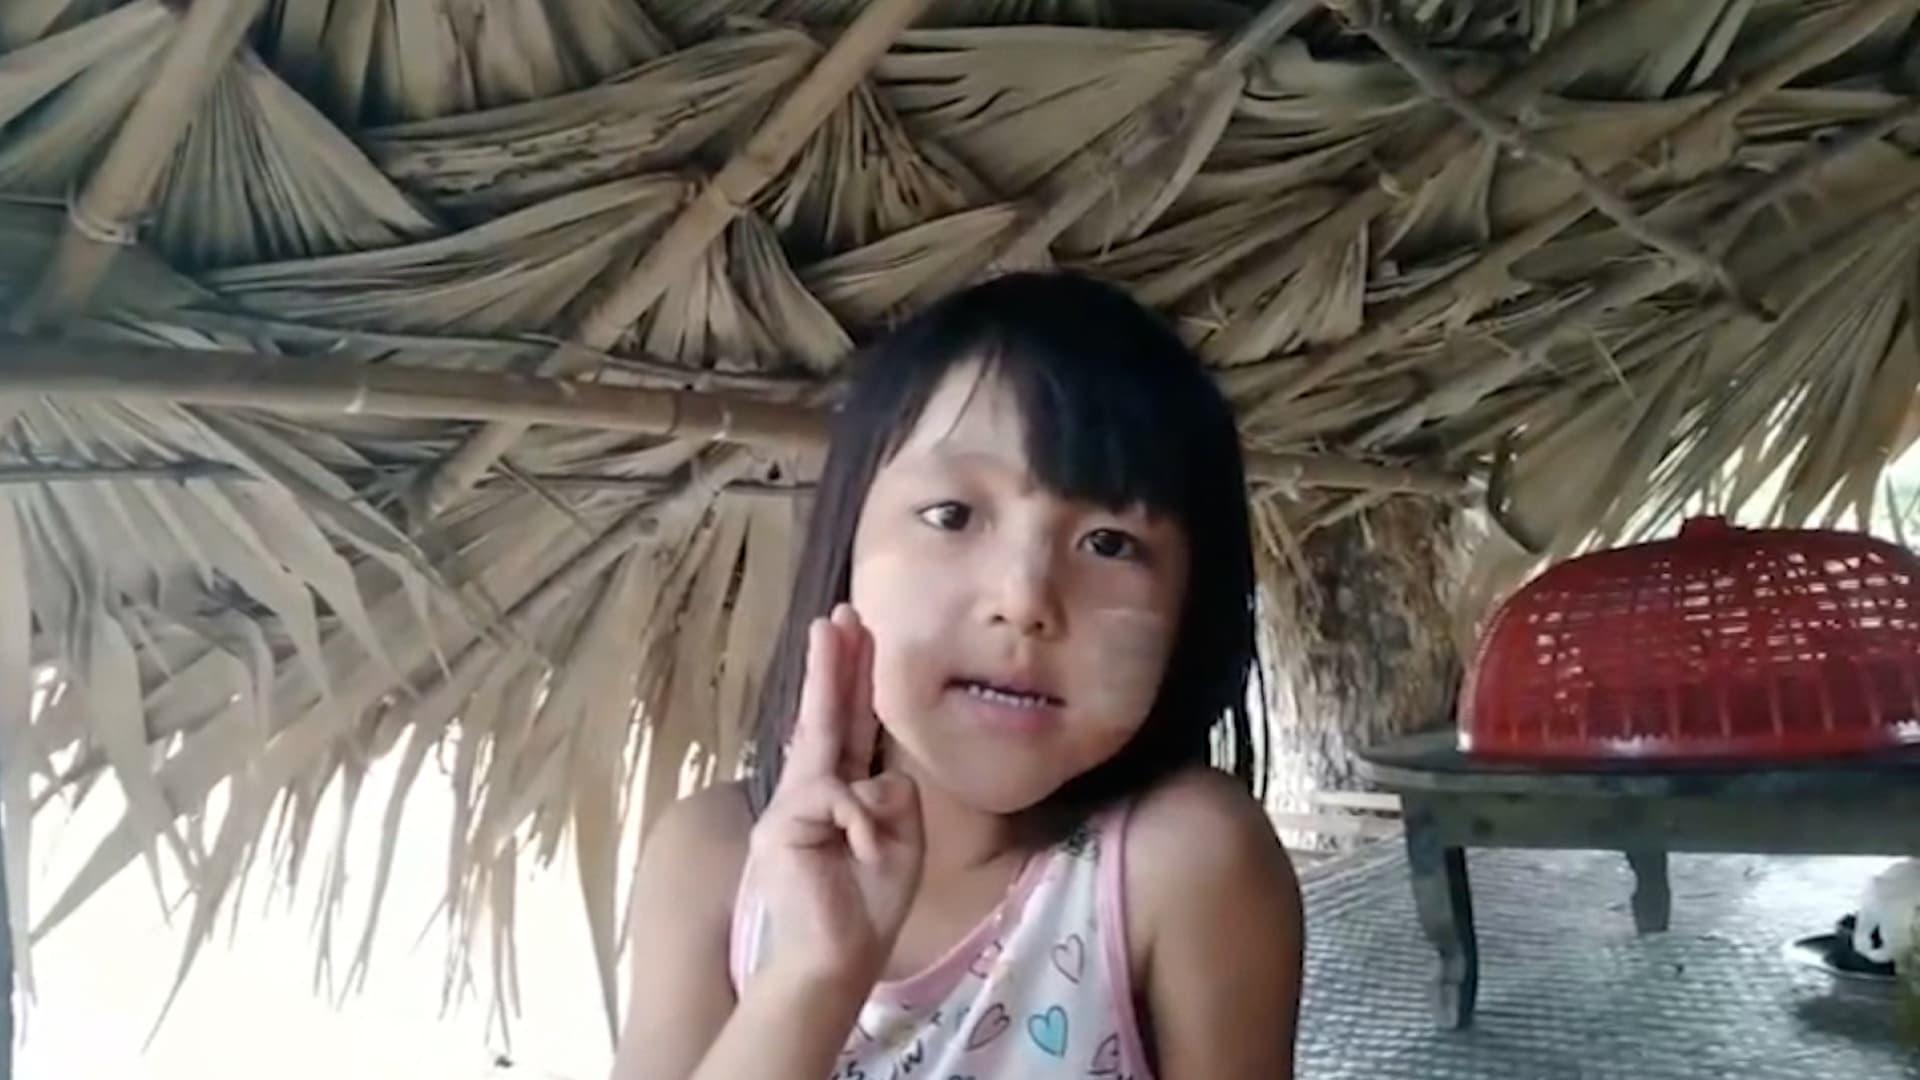 لعدم تمكنه من اعتقال والدها.. جيش ميانمار يعتقل طفلته بعمر 5 سنوات